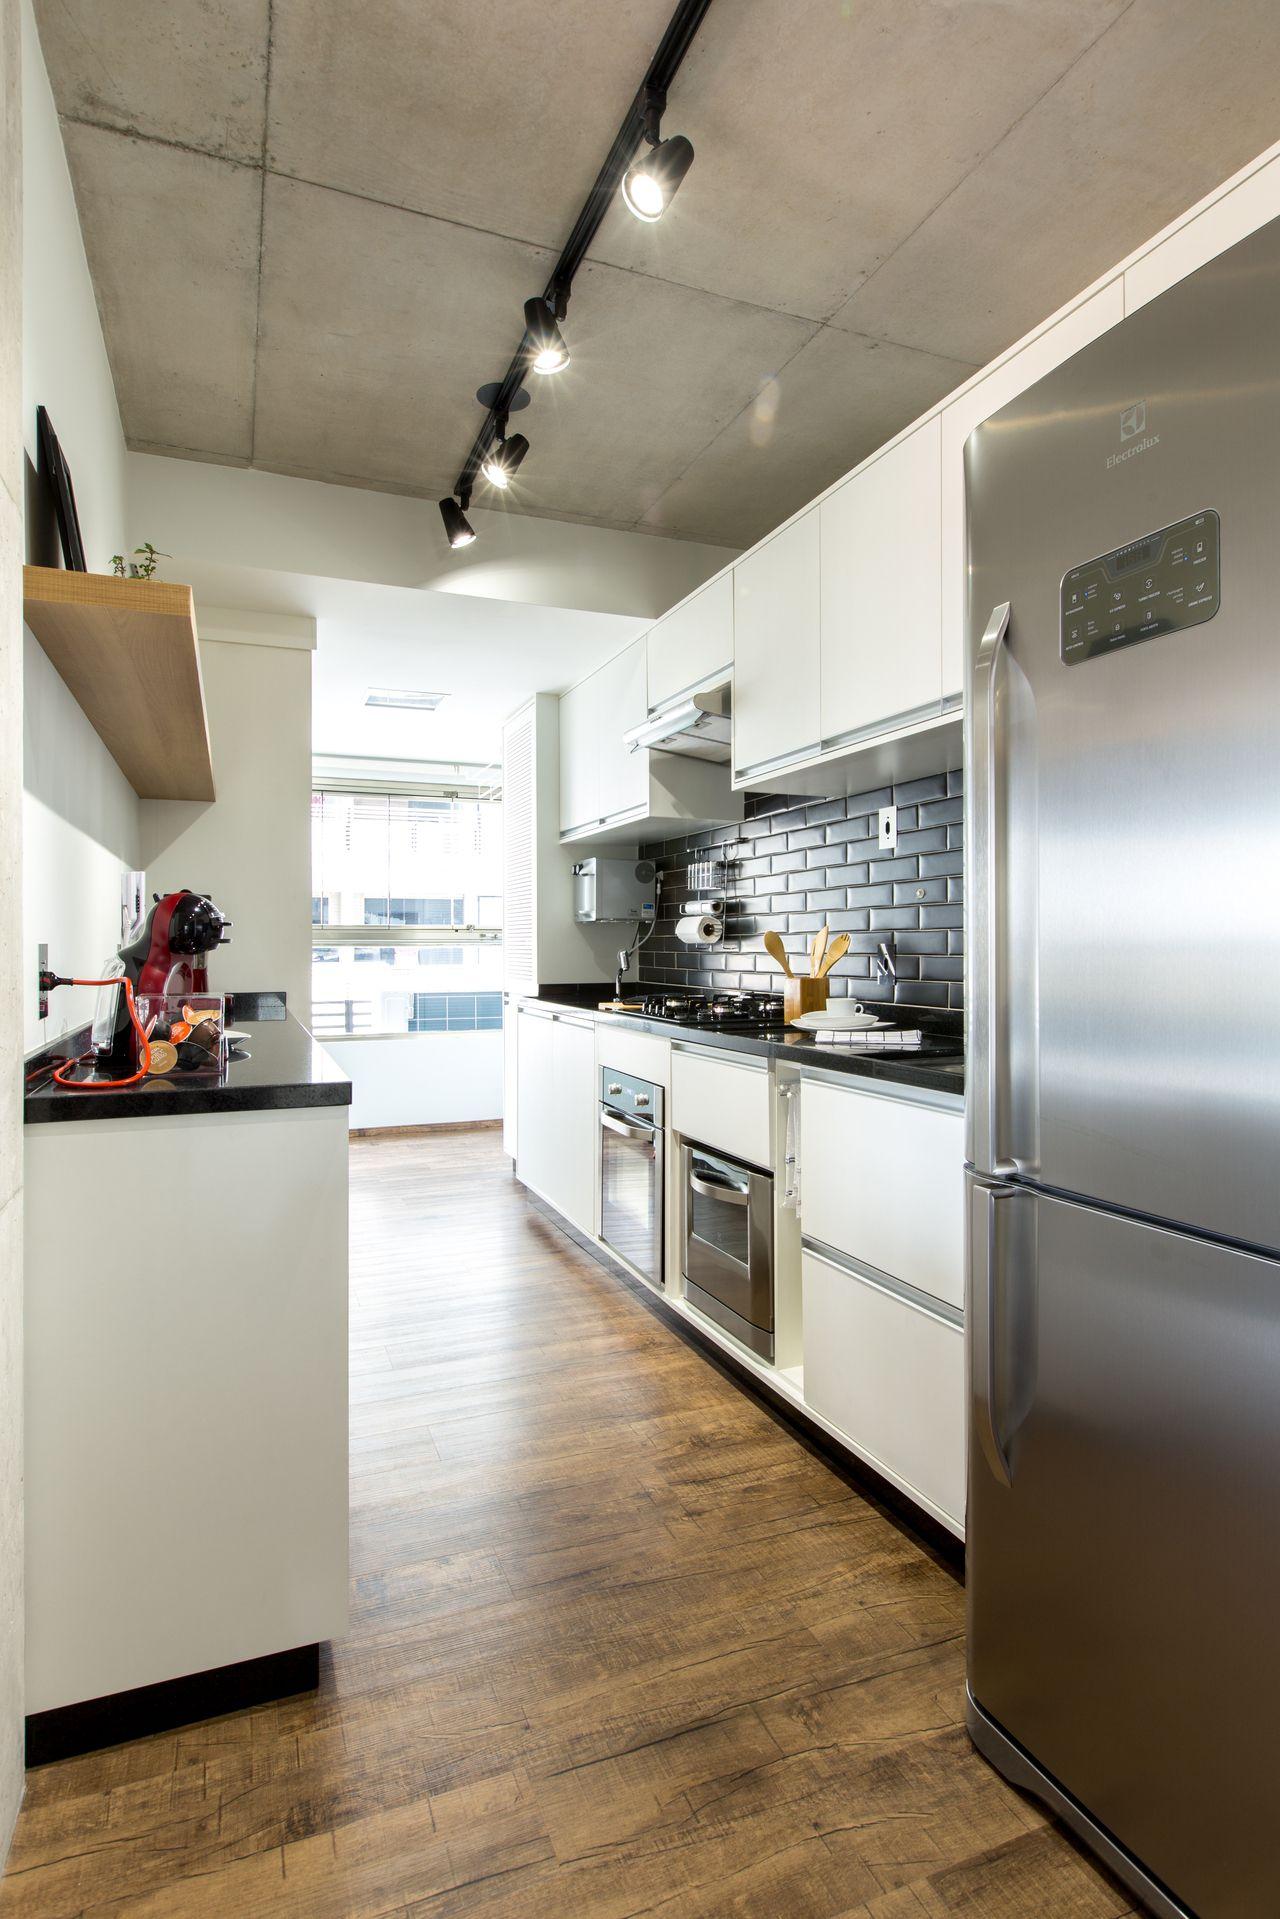 Cozinha Integrada Com Lavanderia De Fabiana Montandon 130972 No